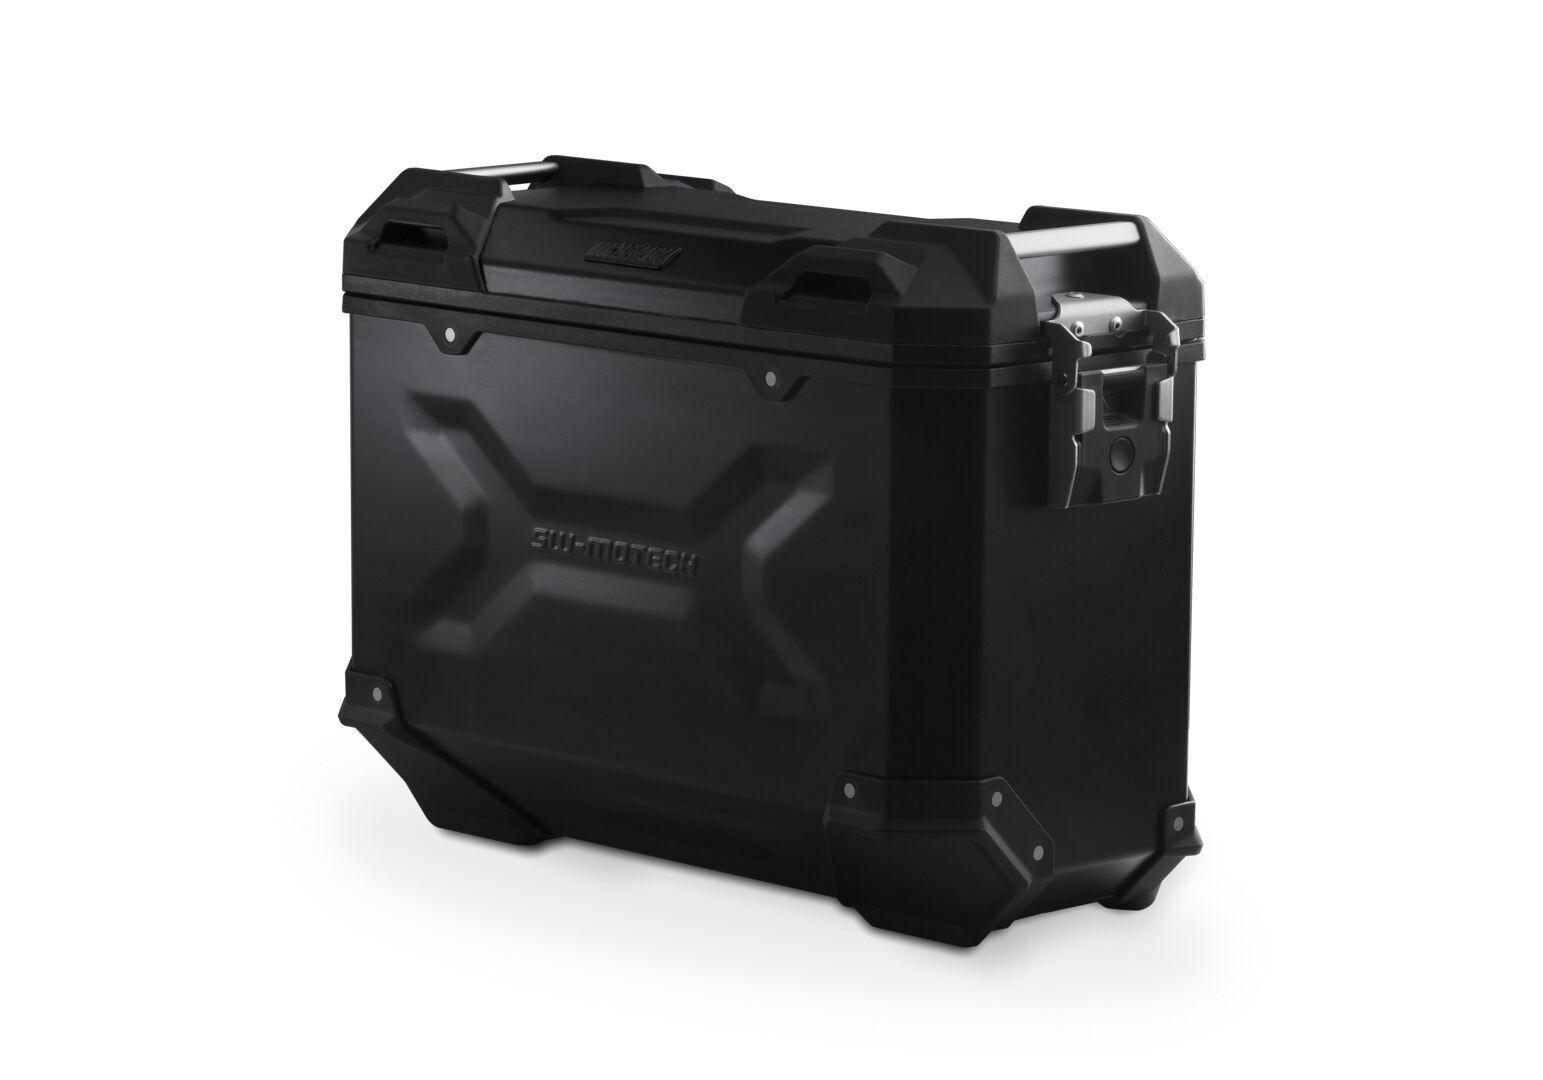 SW-Motech Maleta (Caja) de alumino TRAX ADV M - 37 l. Derecho. Negro.